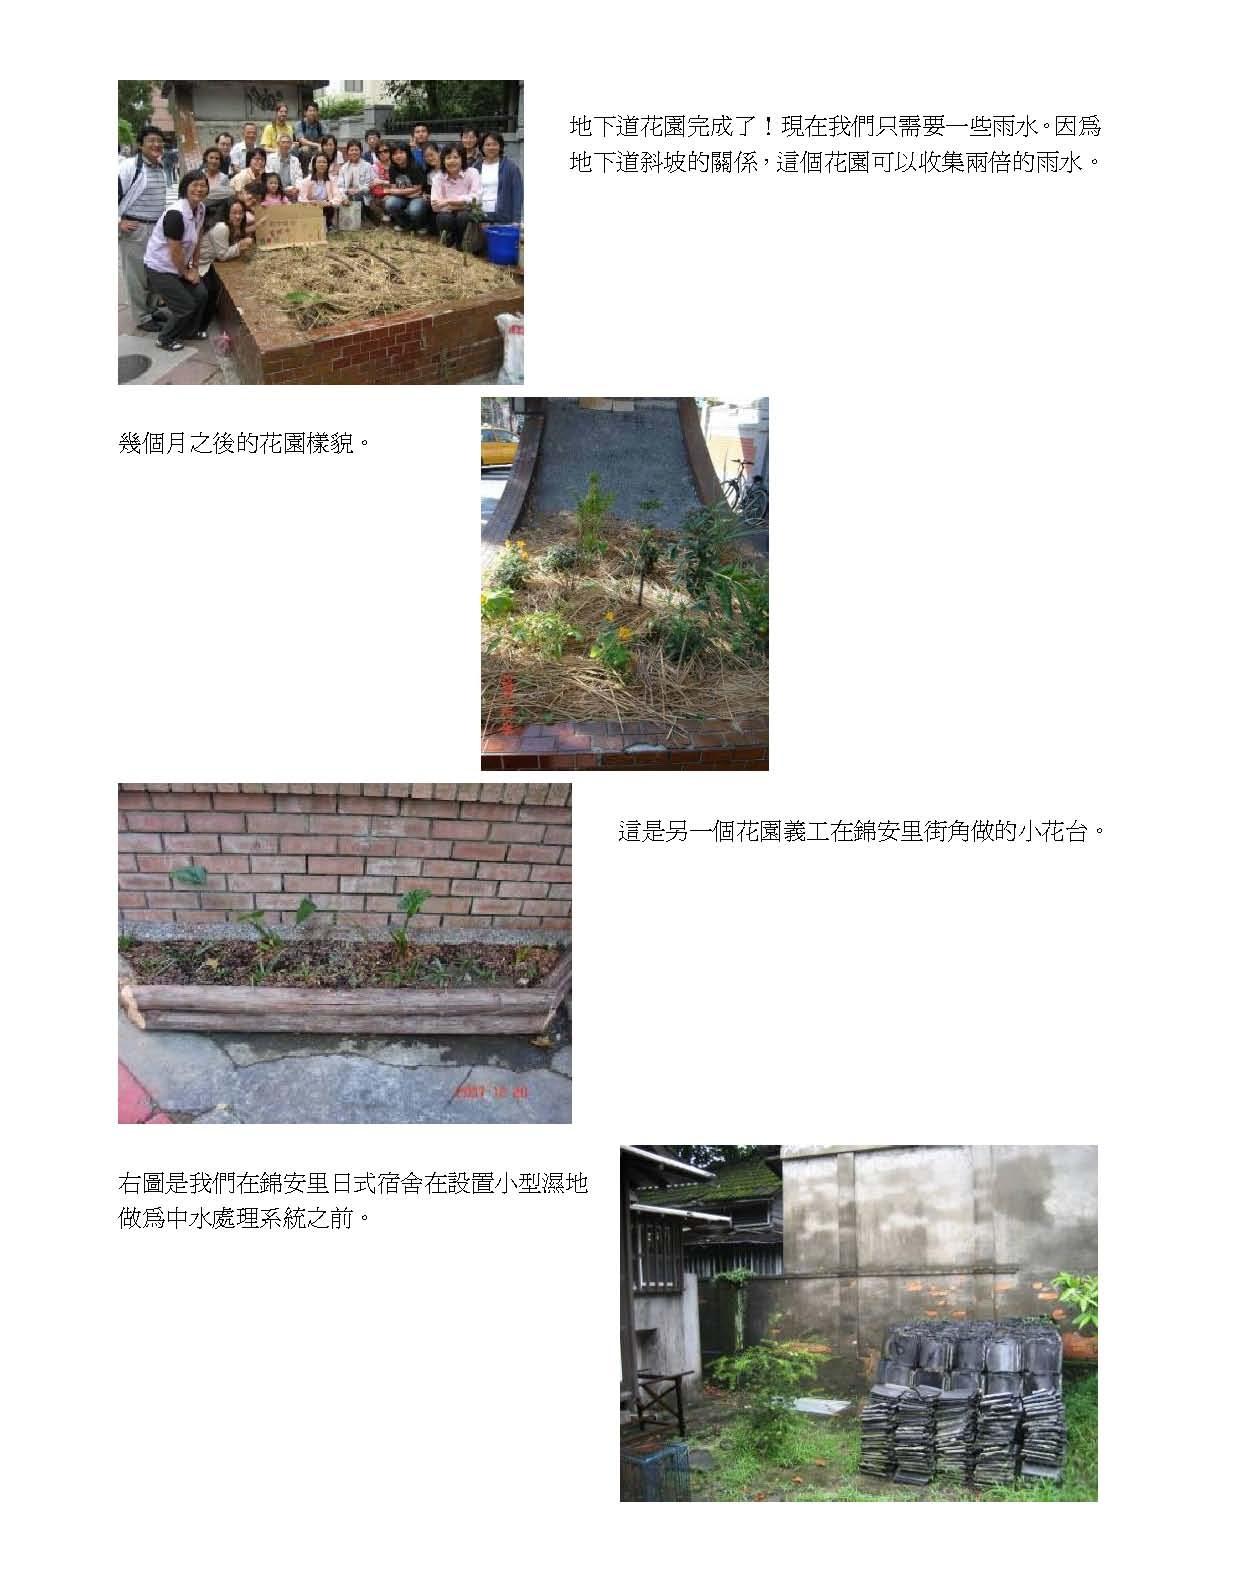 t設計一做綠色城市_頁面_06t